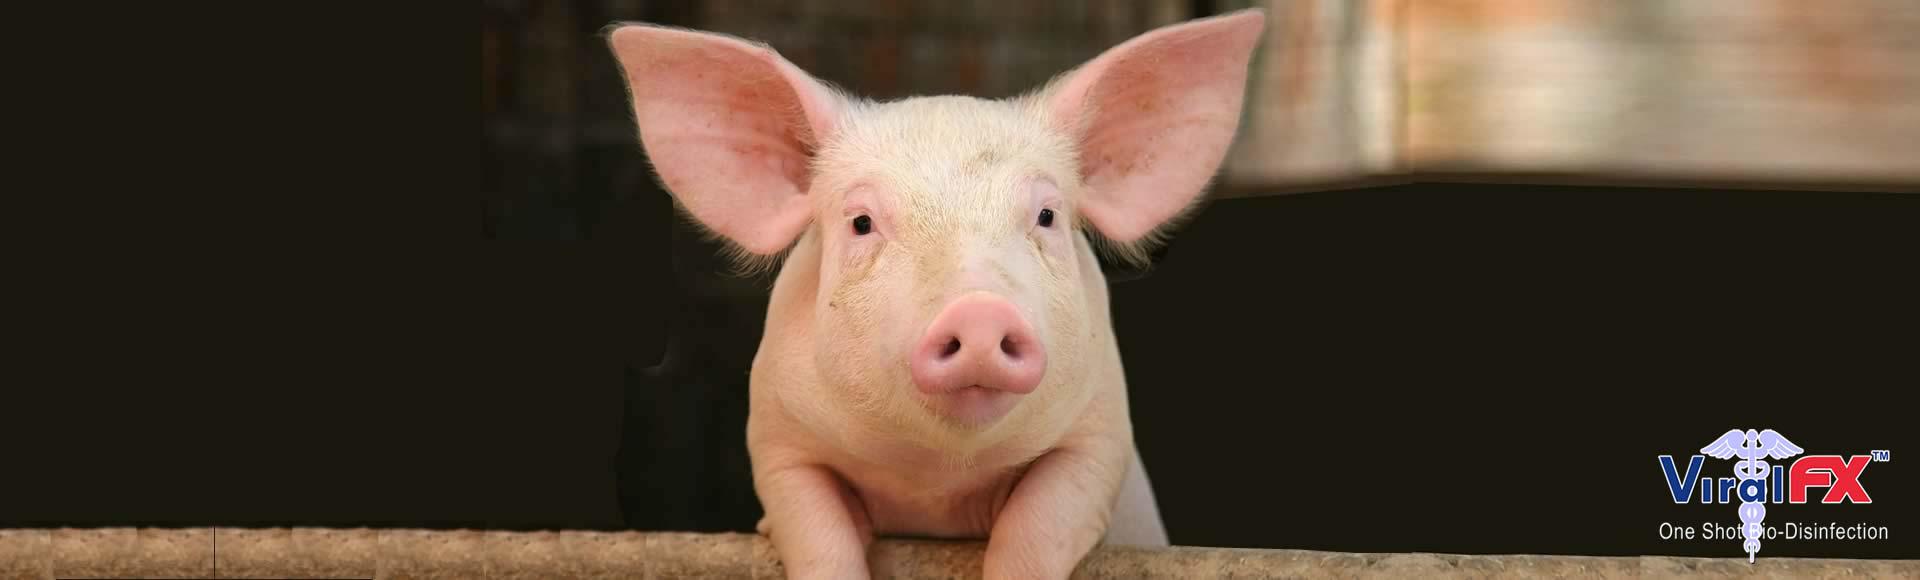 swine-care-3